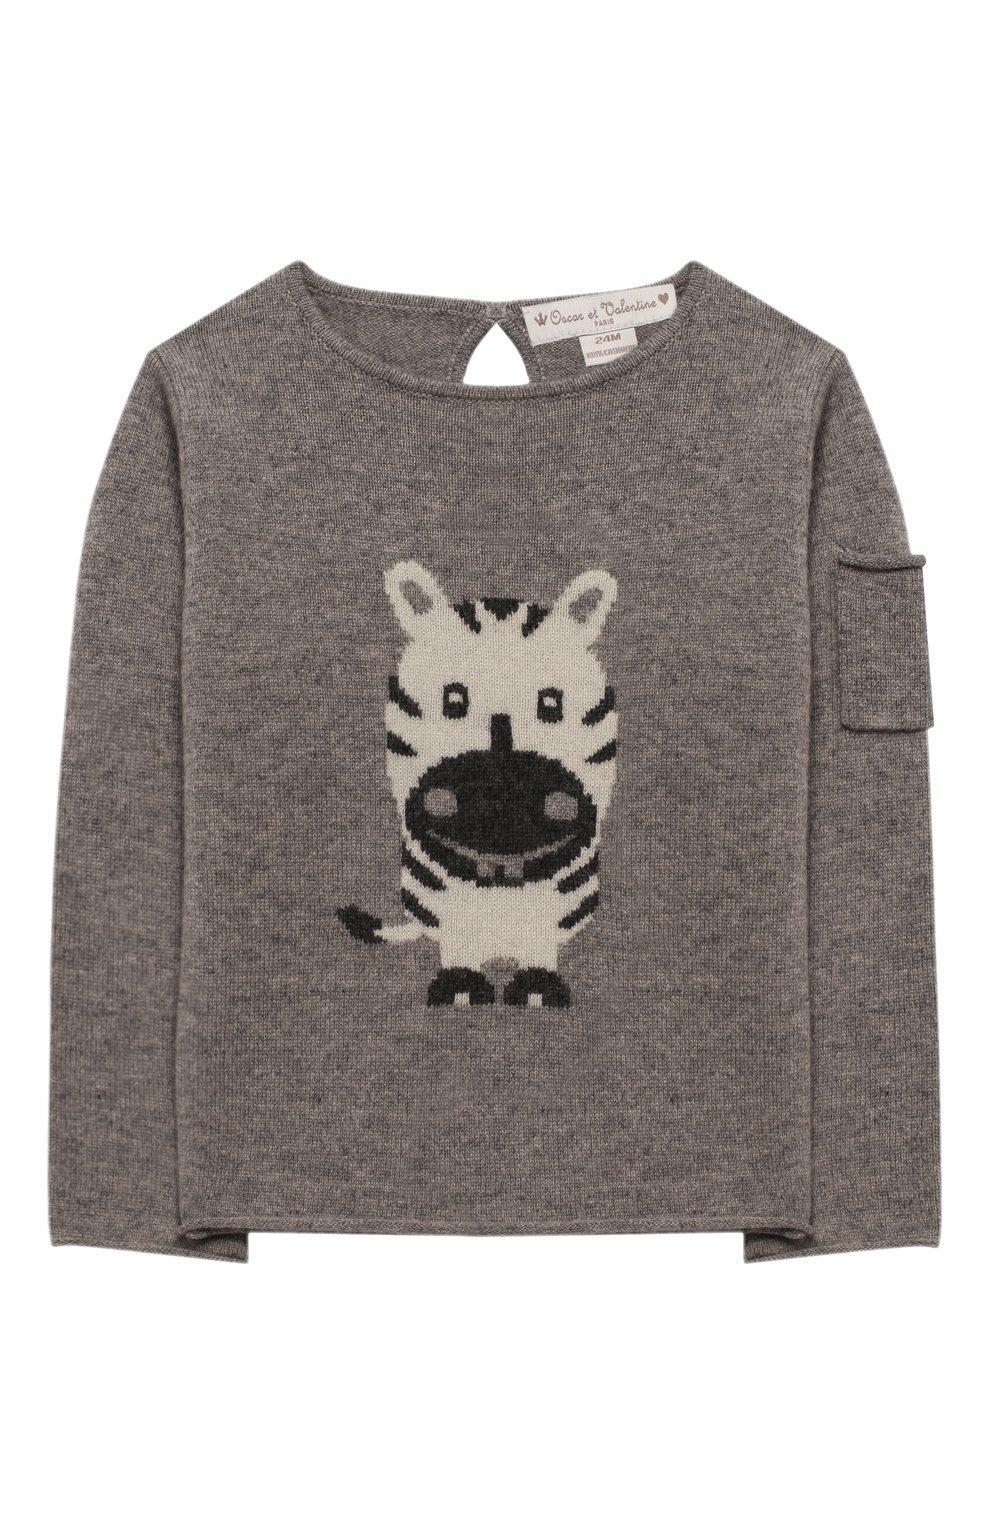 Детский кашемировый пуловер OSCAR ET VALENTINE серого цвета, арт. PUL01ZEBRAS | Фото 1 (Материал внешний: Шерсть; Рукава: Длинные; Ростовка одежда: 12 мес | 80 см, 18 мес | 86 см, 2 года | 92 см)